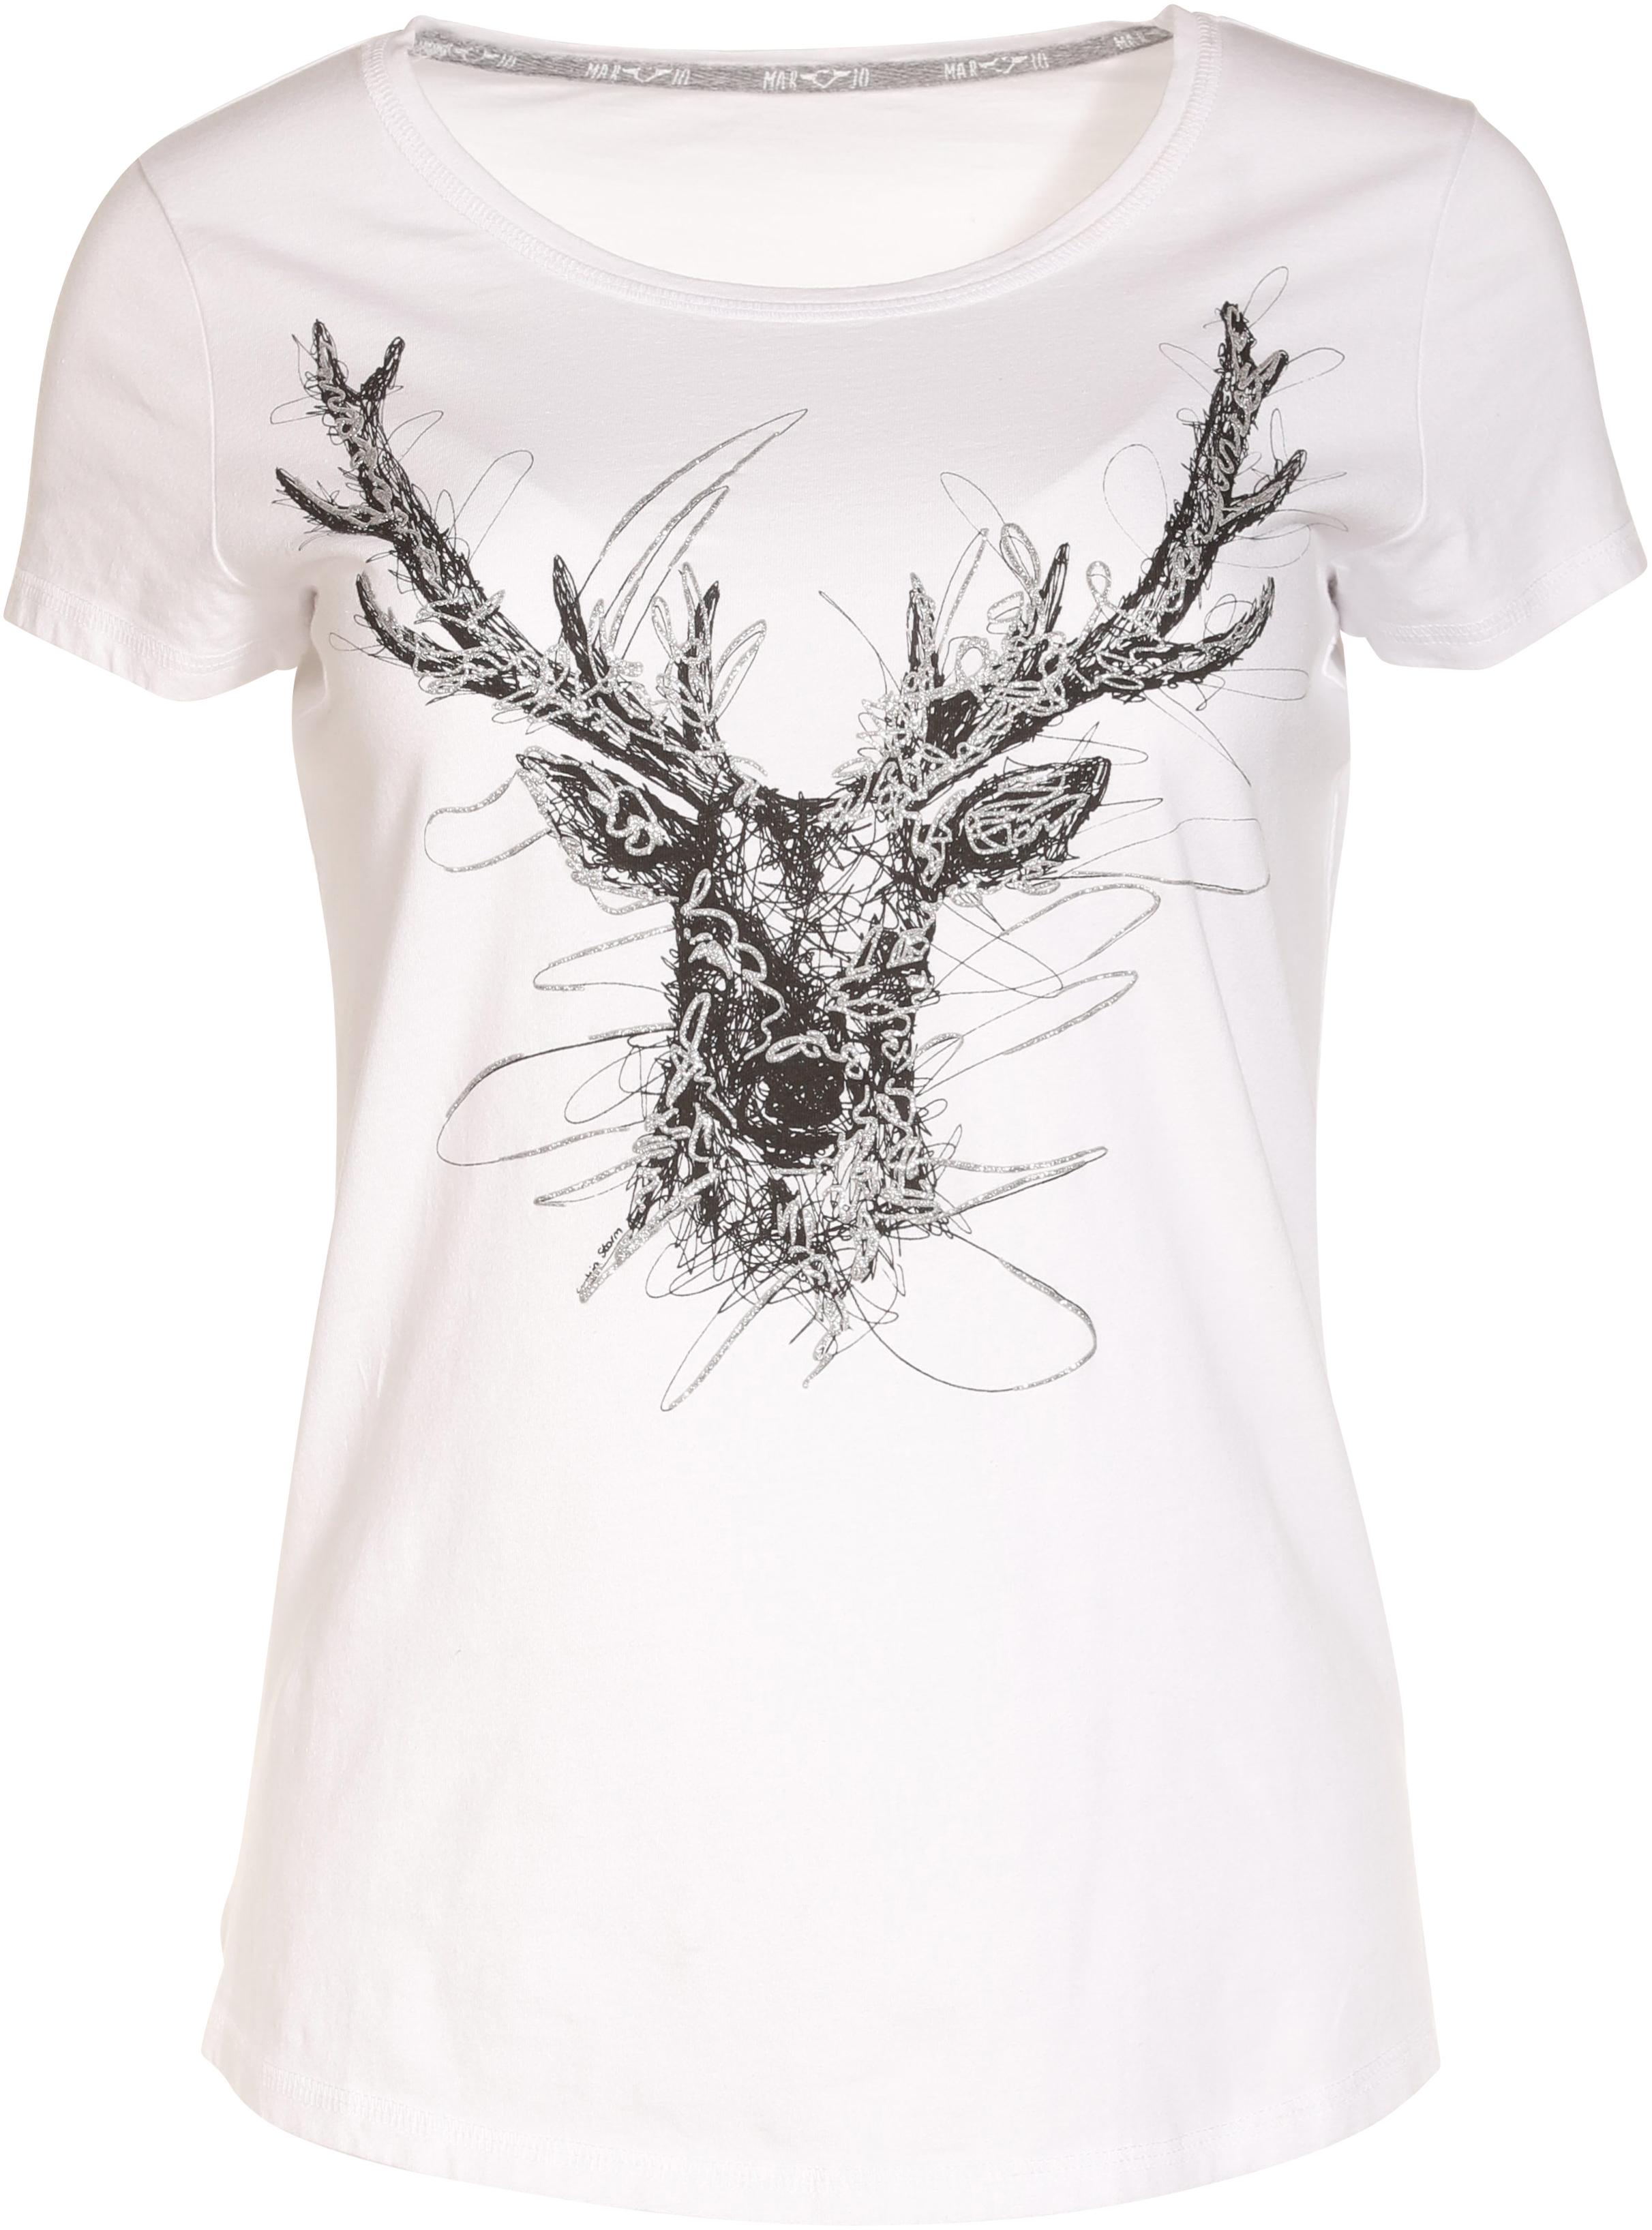 TRIXI weiß Marjo Trachten T-Shirt W33